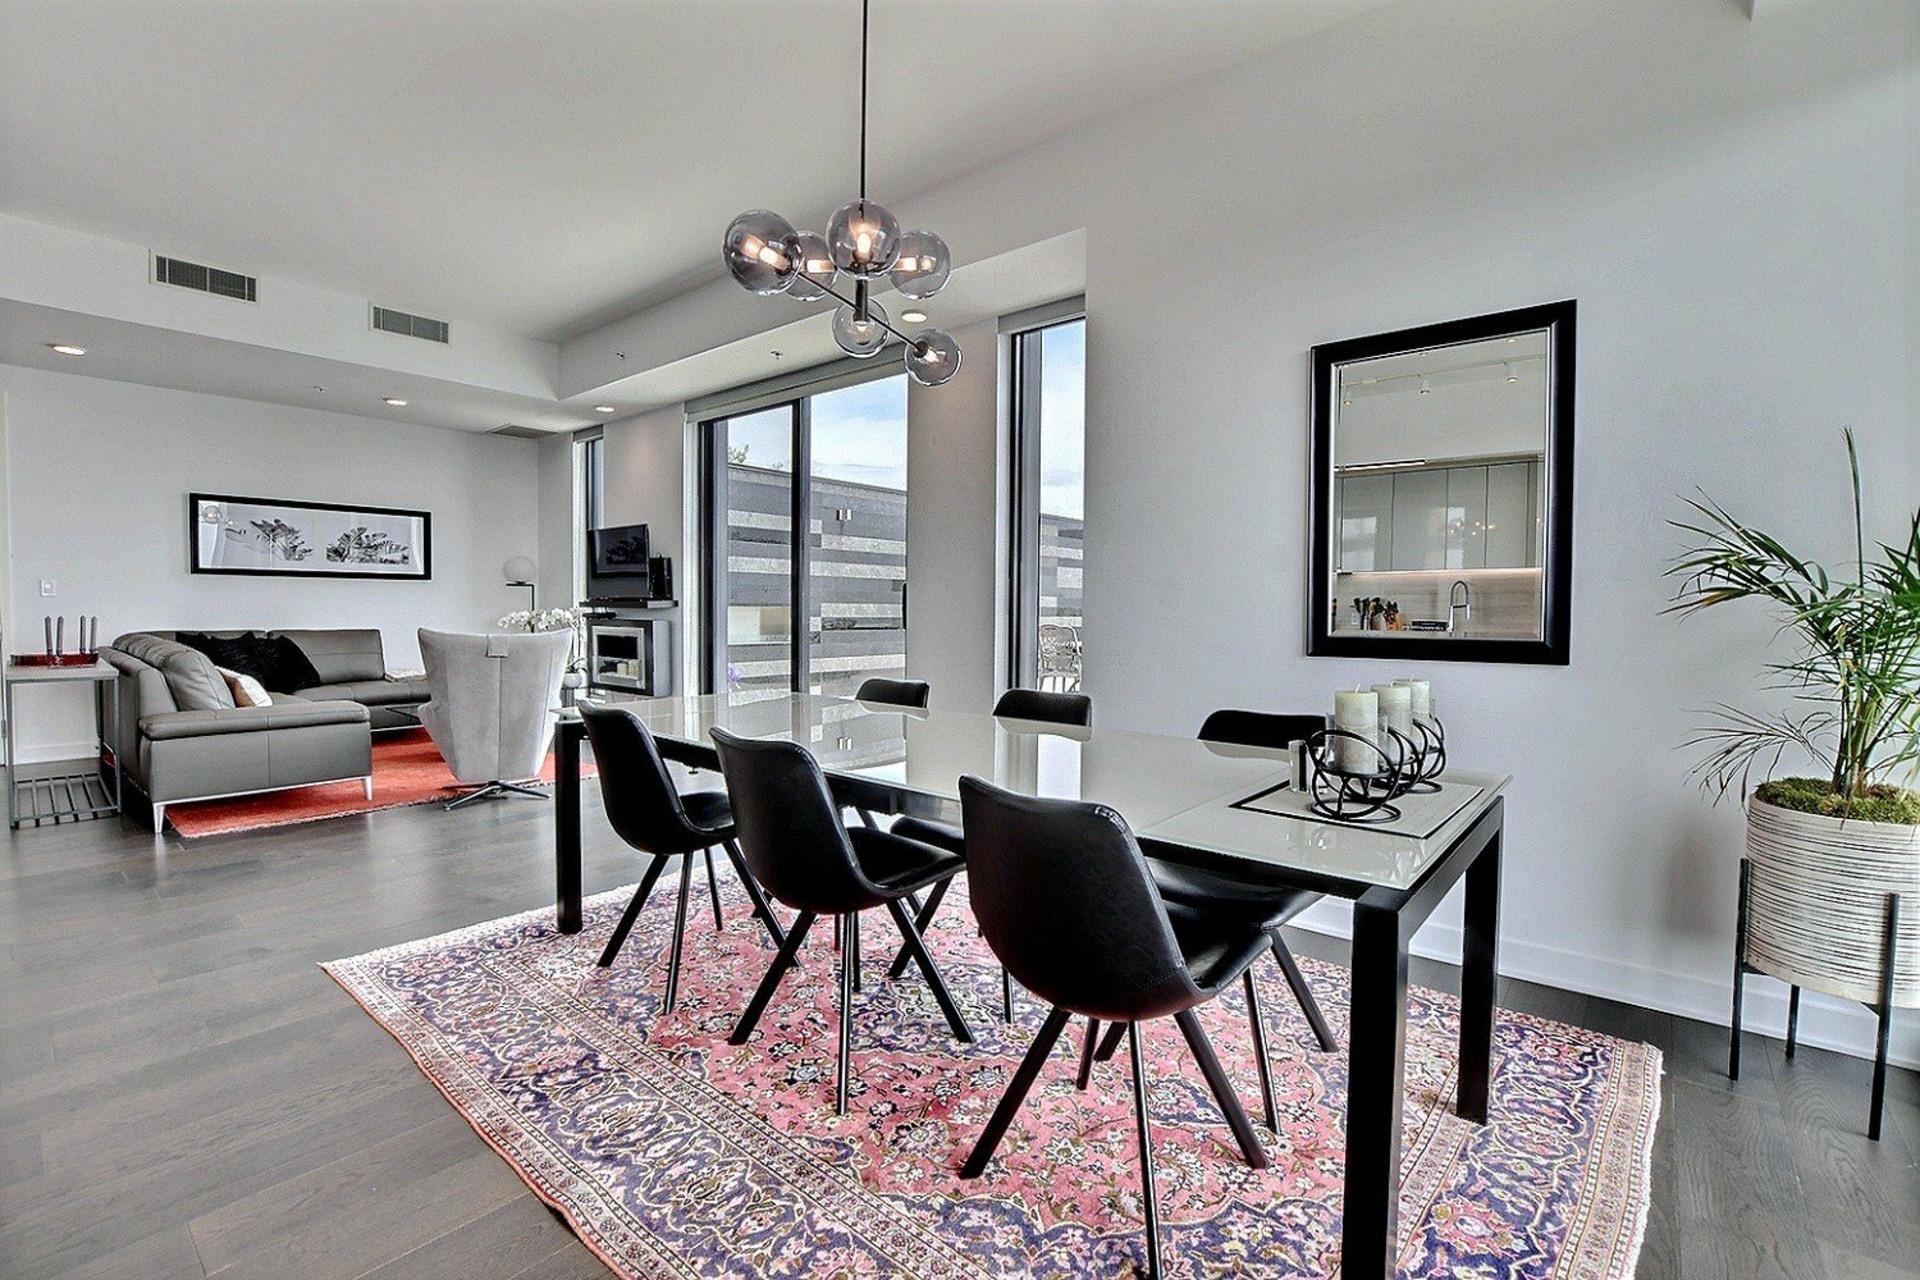 image 4 - Apartment For sale Ville-Marie Montréal  - 7 rooms